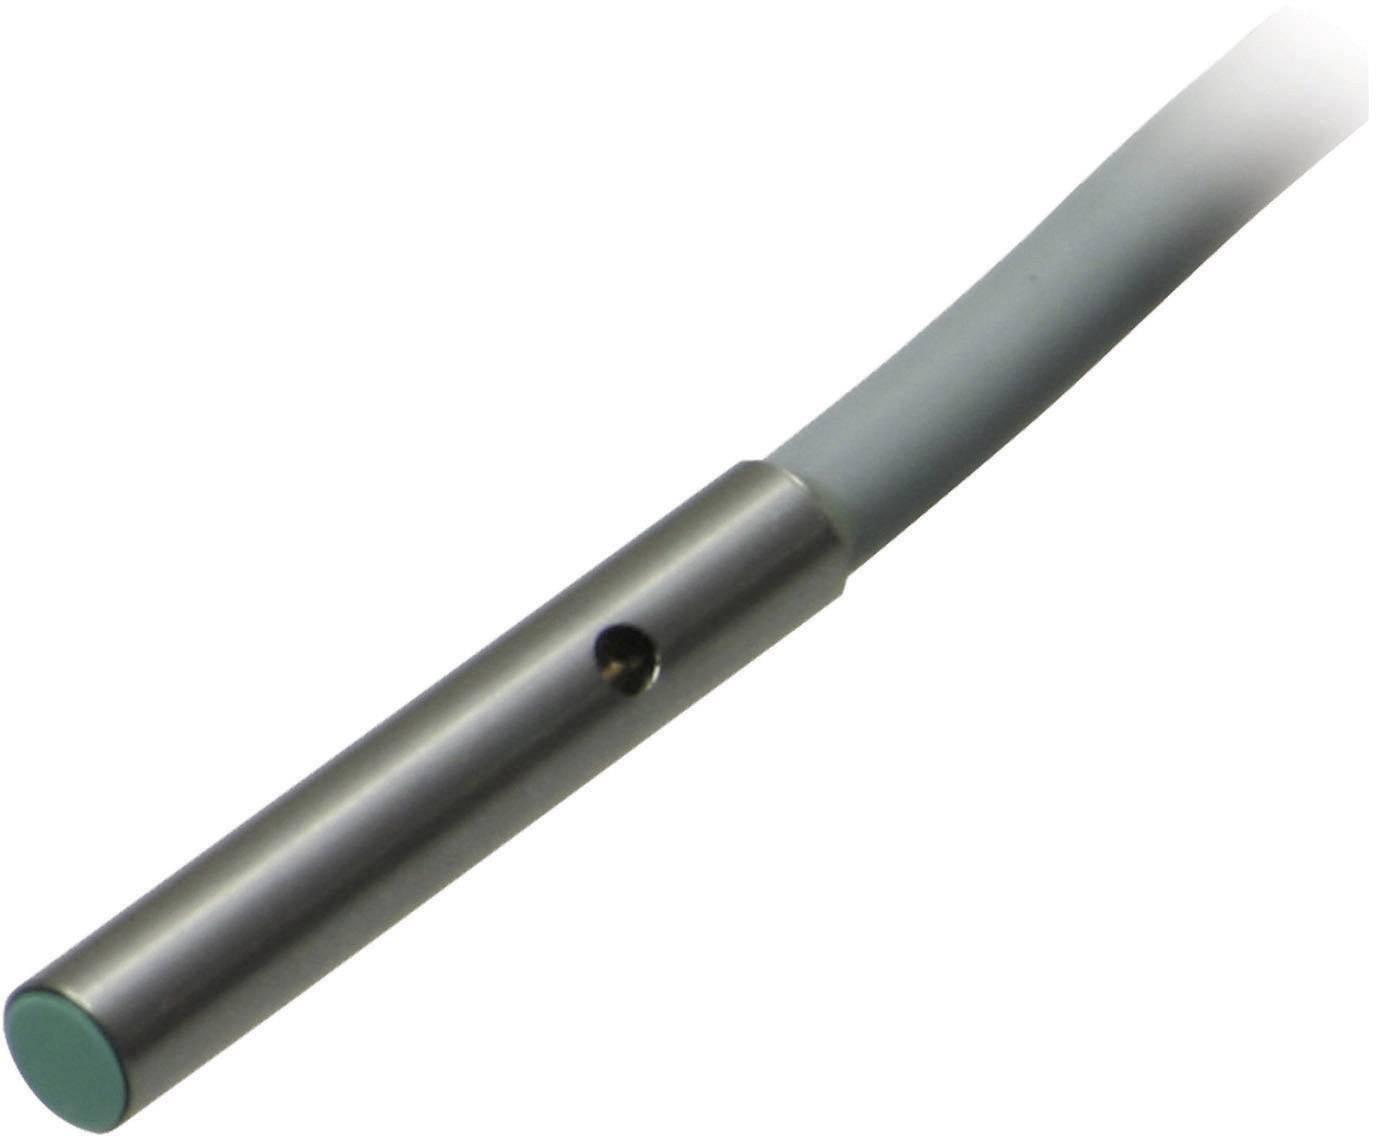 Indukční senzor přiblížení Pepperl & Fuchs NBB0,8-4M25-E2, 0,8 mm, IP67